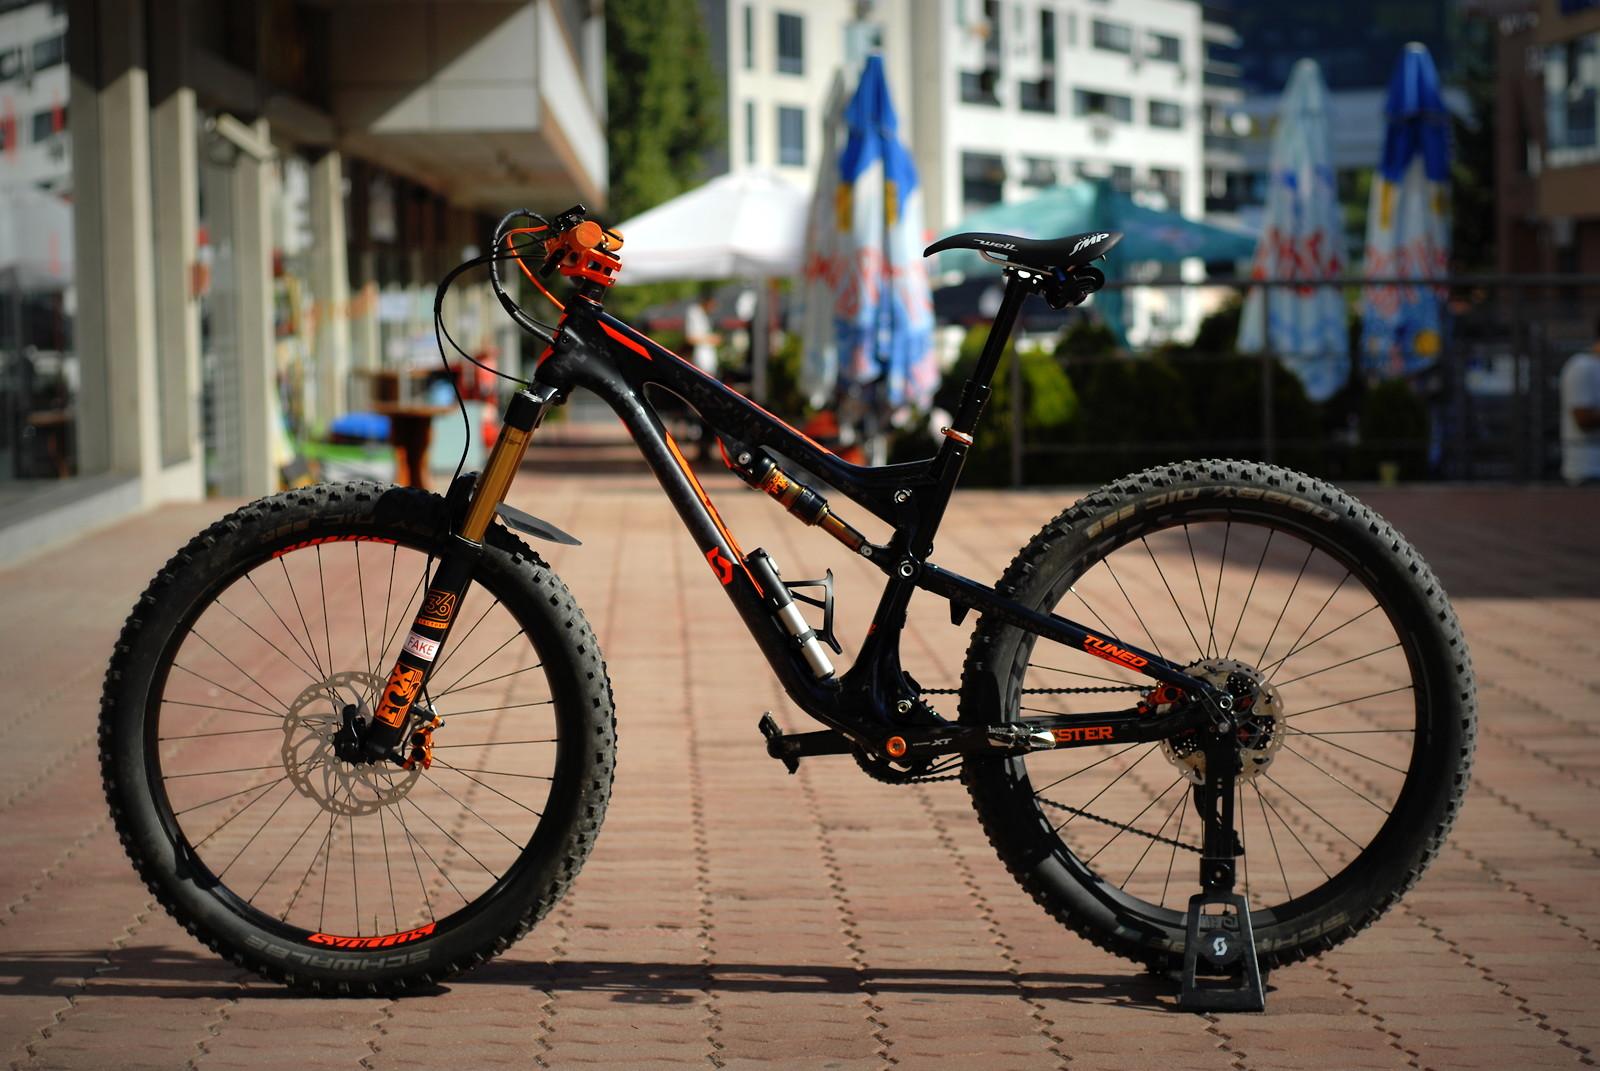 Scott Genius 700 Tuned Plus Full Suspension Mountain Bike